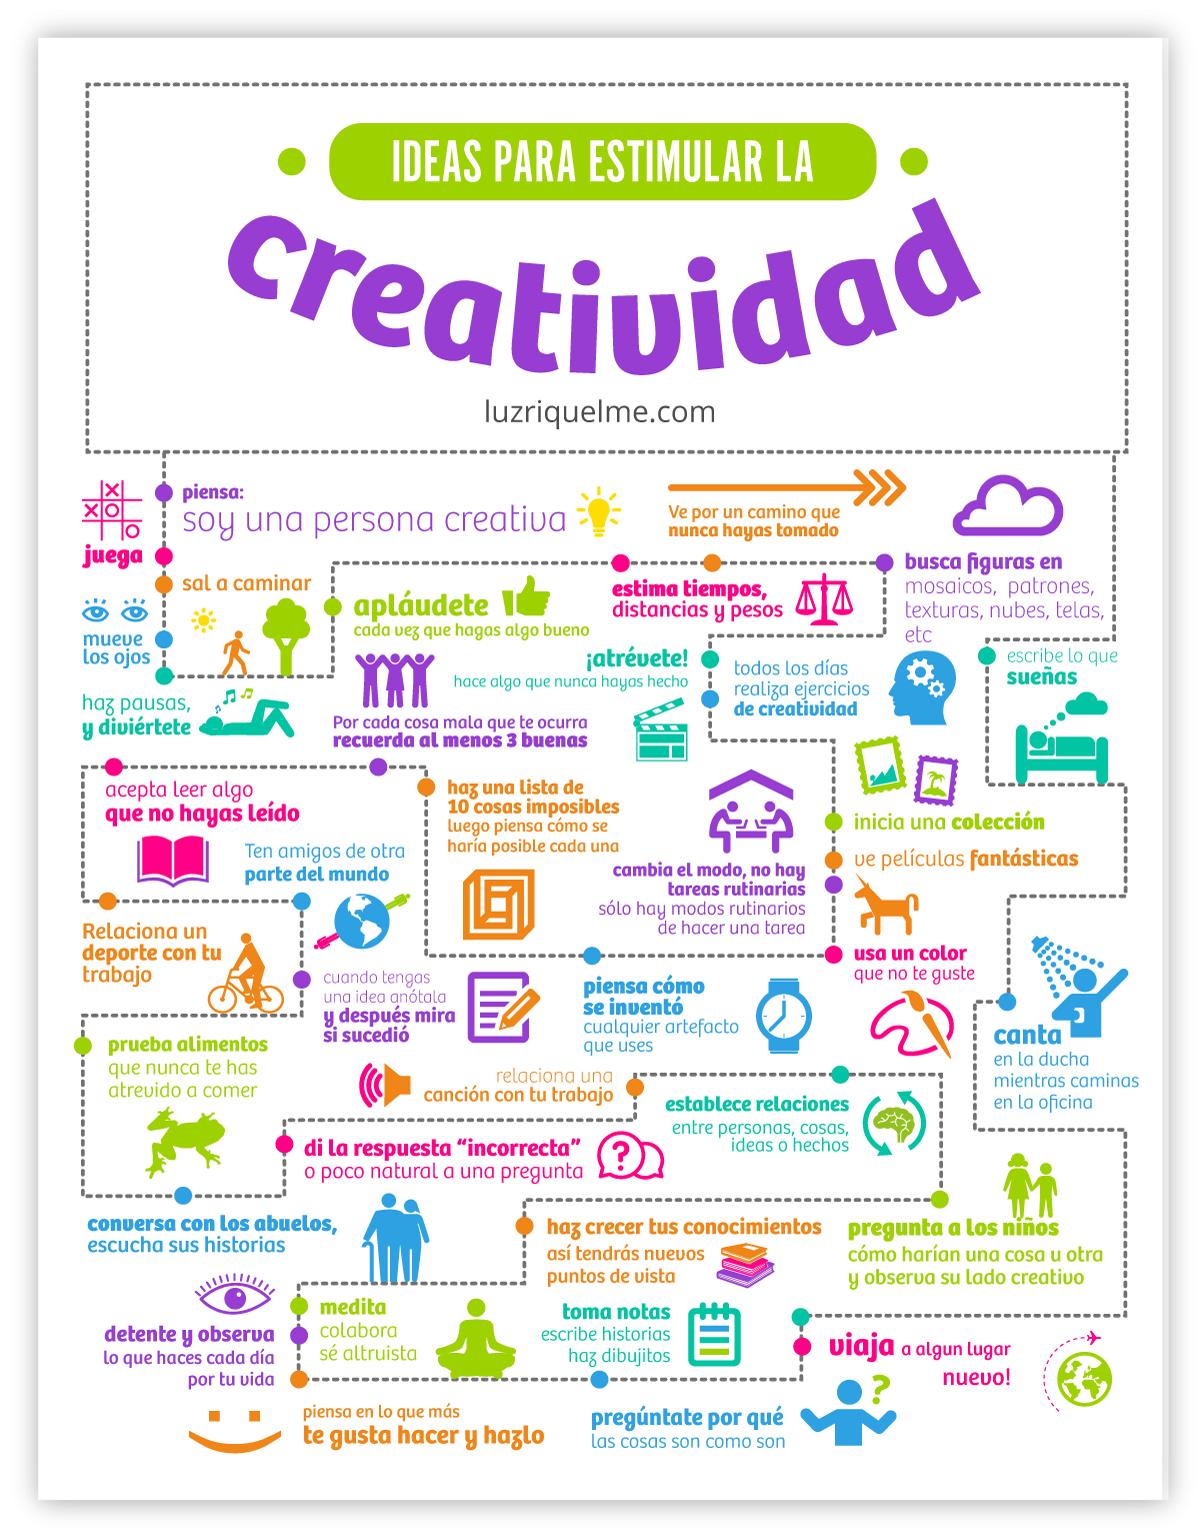 creatividad-2017